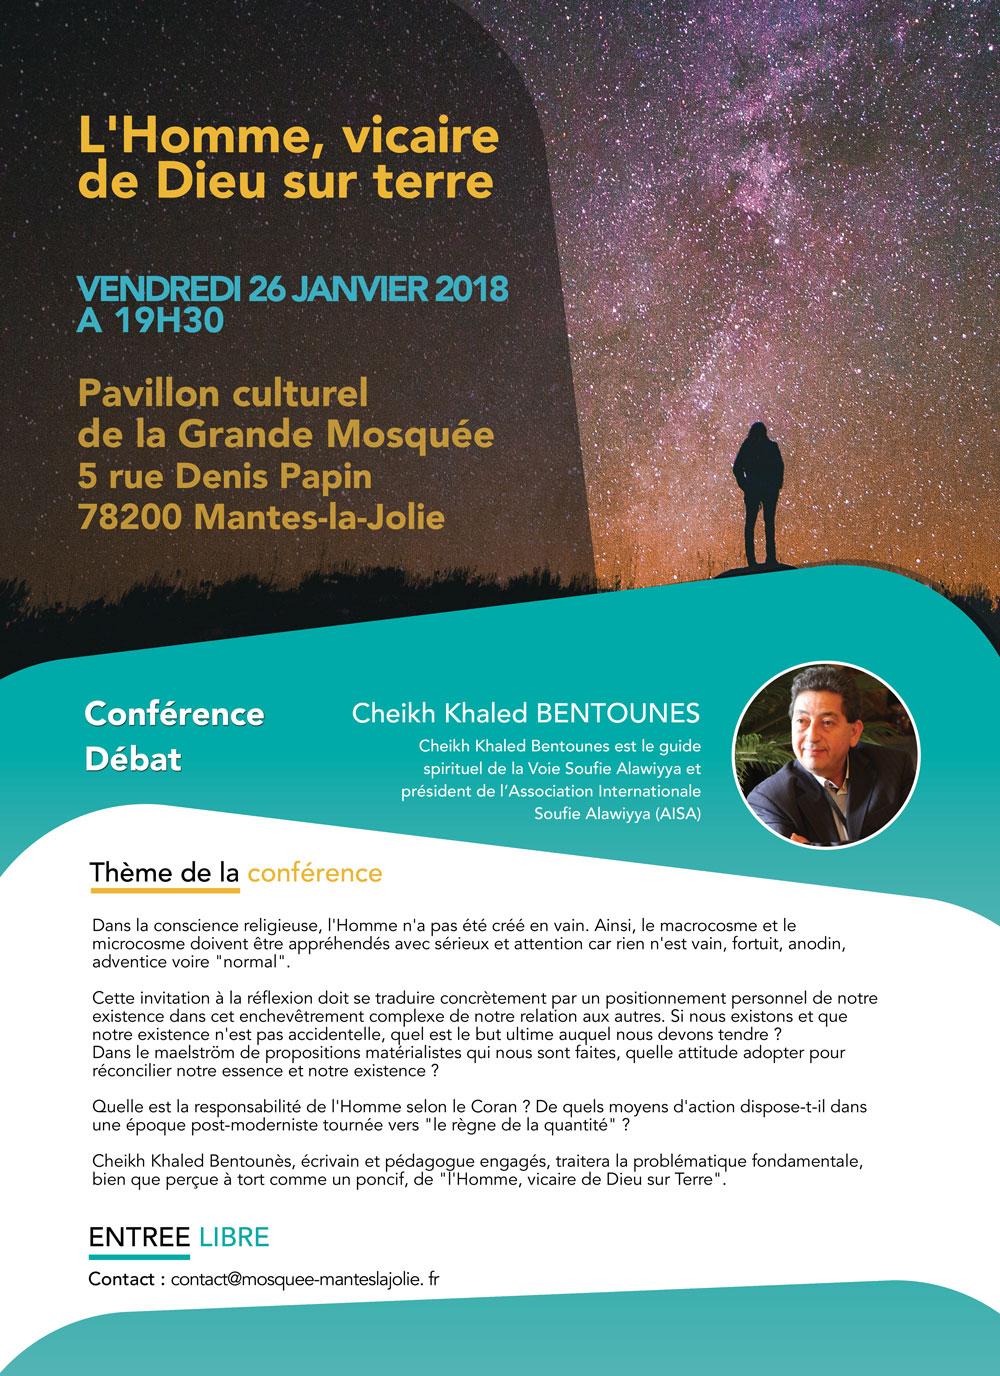 https://www.saphirnews.com/agenda/L-Homme-vicaire-de-Dieu-sur-Terre-par-Cheikh-Khaled-Bentounes_ae561342.html